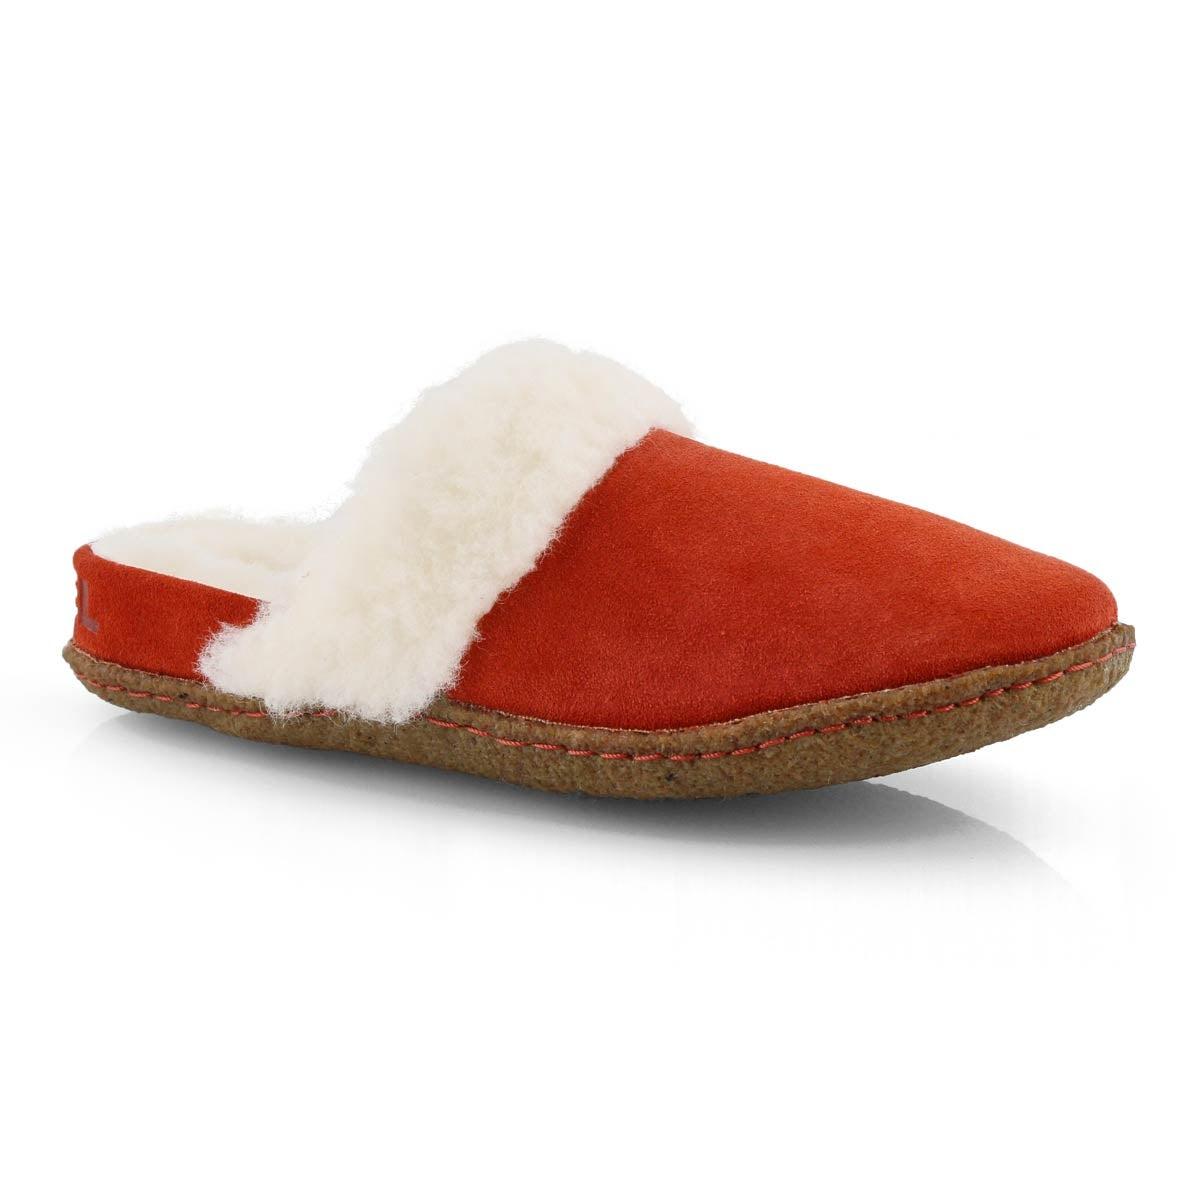 Women's NAKISKA SLIDE II carnelian red slippers